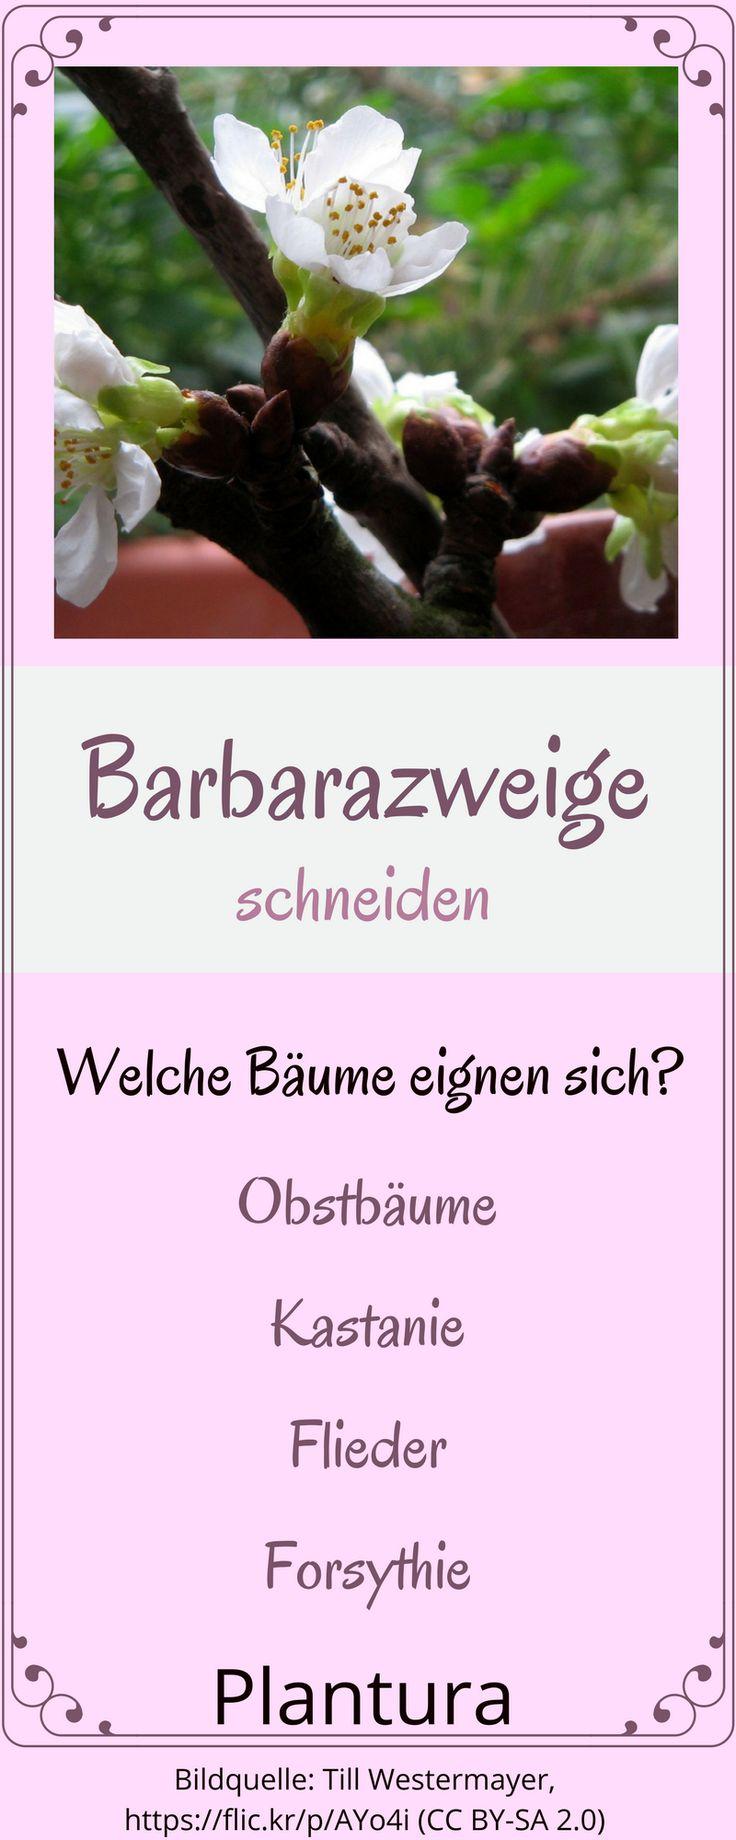 Welche Bäume eignen sich für Barbarazweige - weitere Tipps zu diesem schönen Brauch findet Ihr hier! So blühen auch Eure Zweige zu Weihnachten!